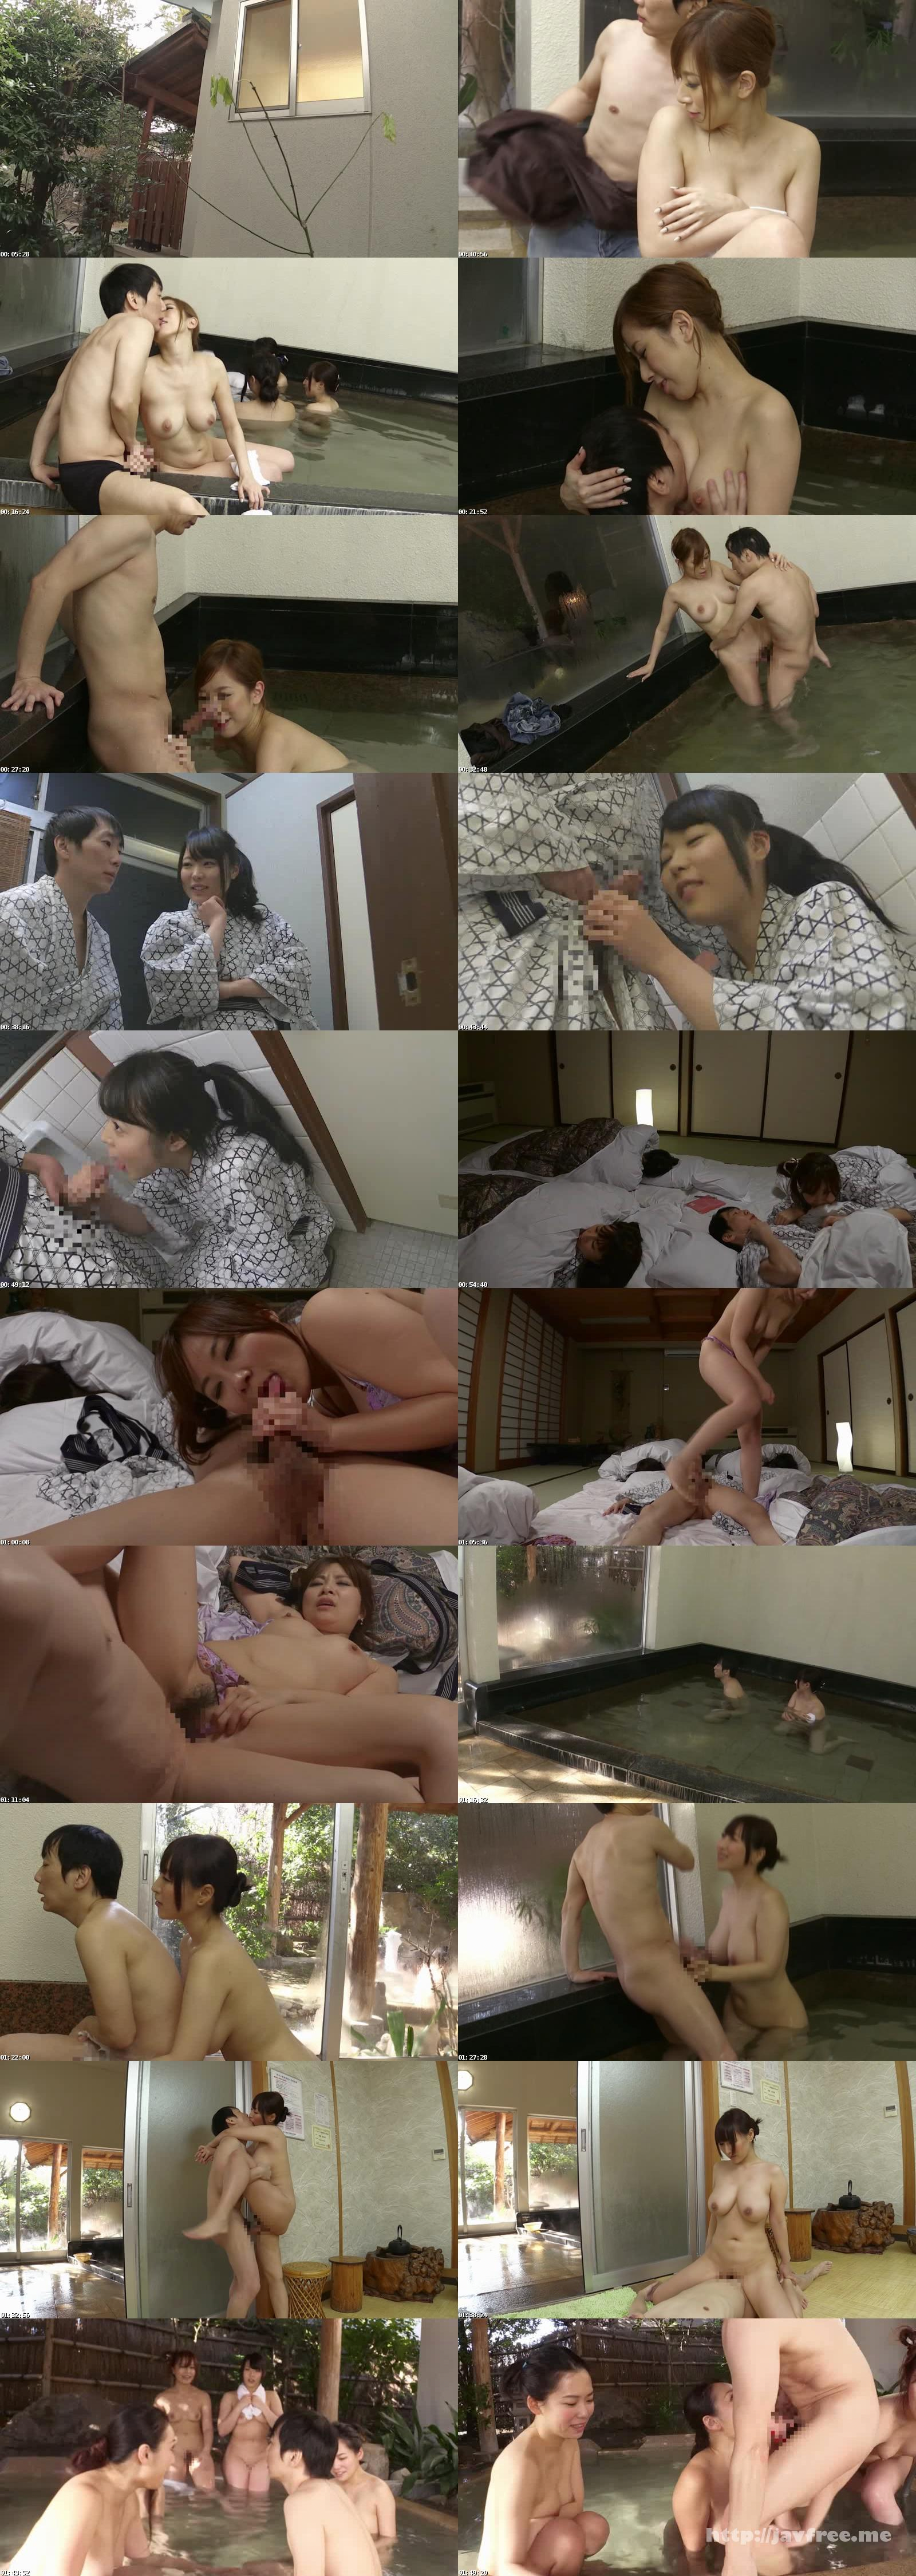 [SW 321] 社員旅行で、女子社員に混じって男は僕一人!混浴風呂で勃起してるのが見つかり、日頃アゴで使われてた僕の元気チ○コは一滴残らず搾り取られました SW